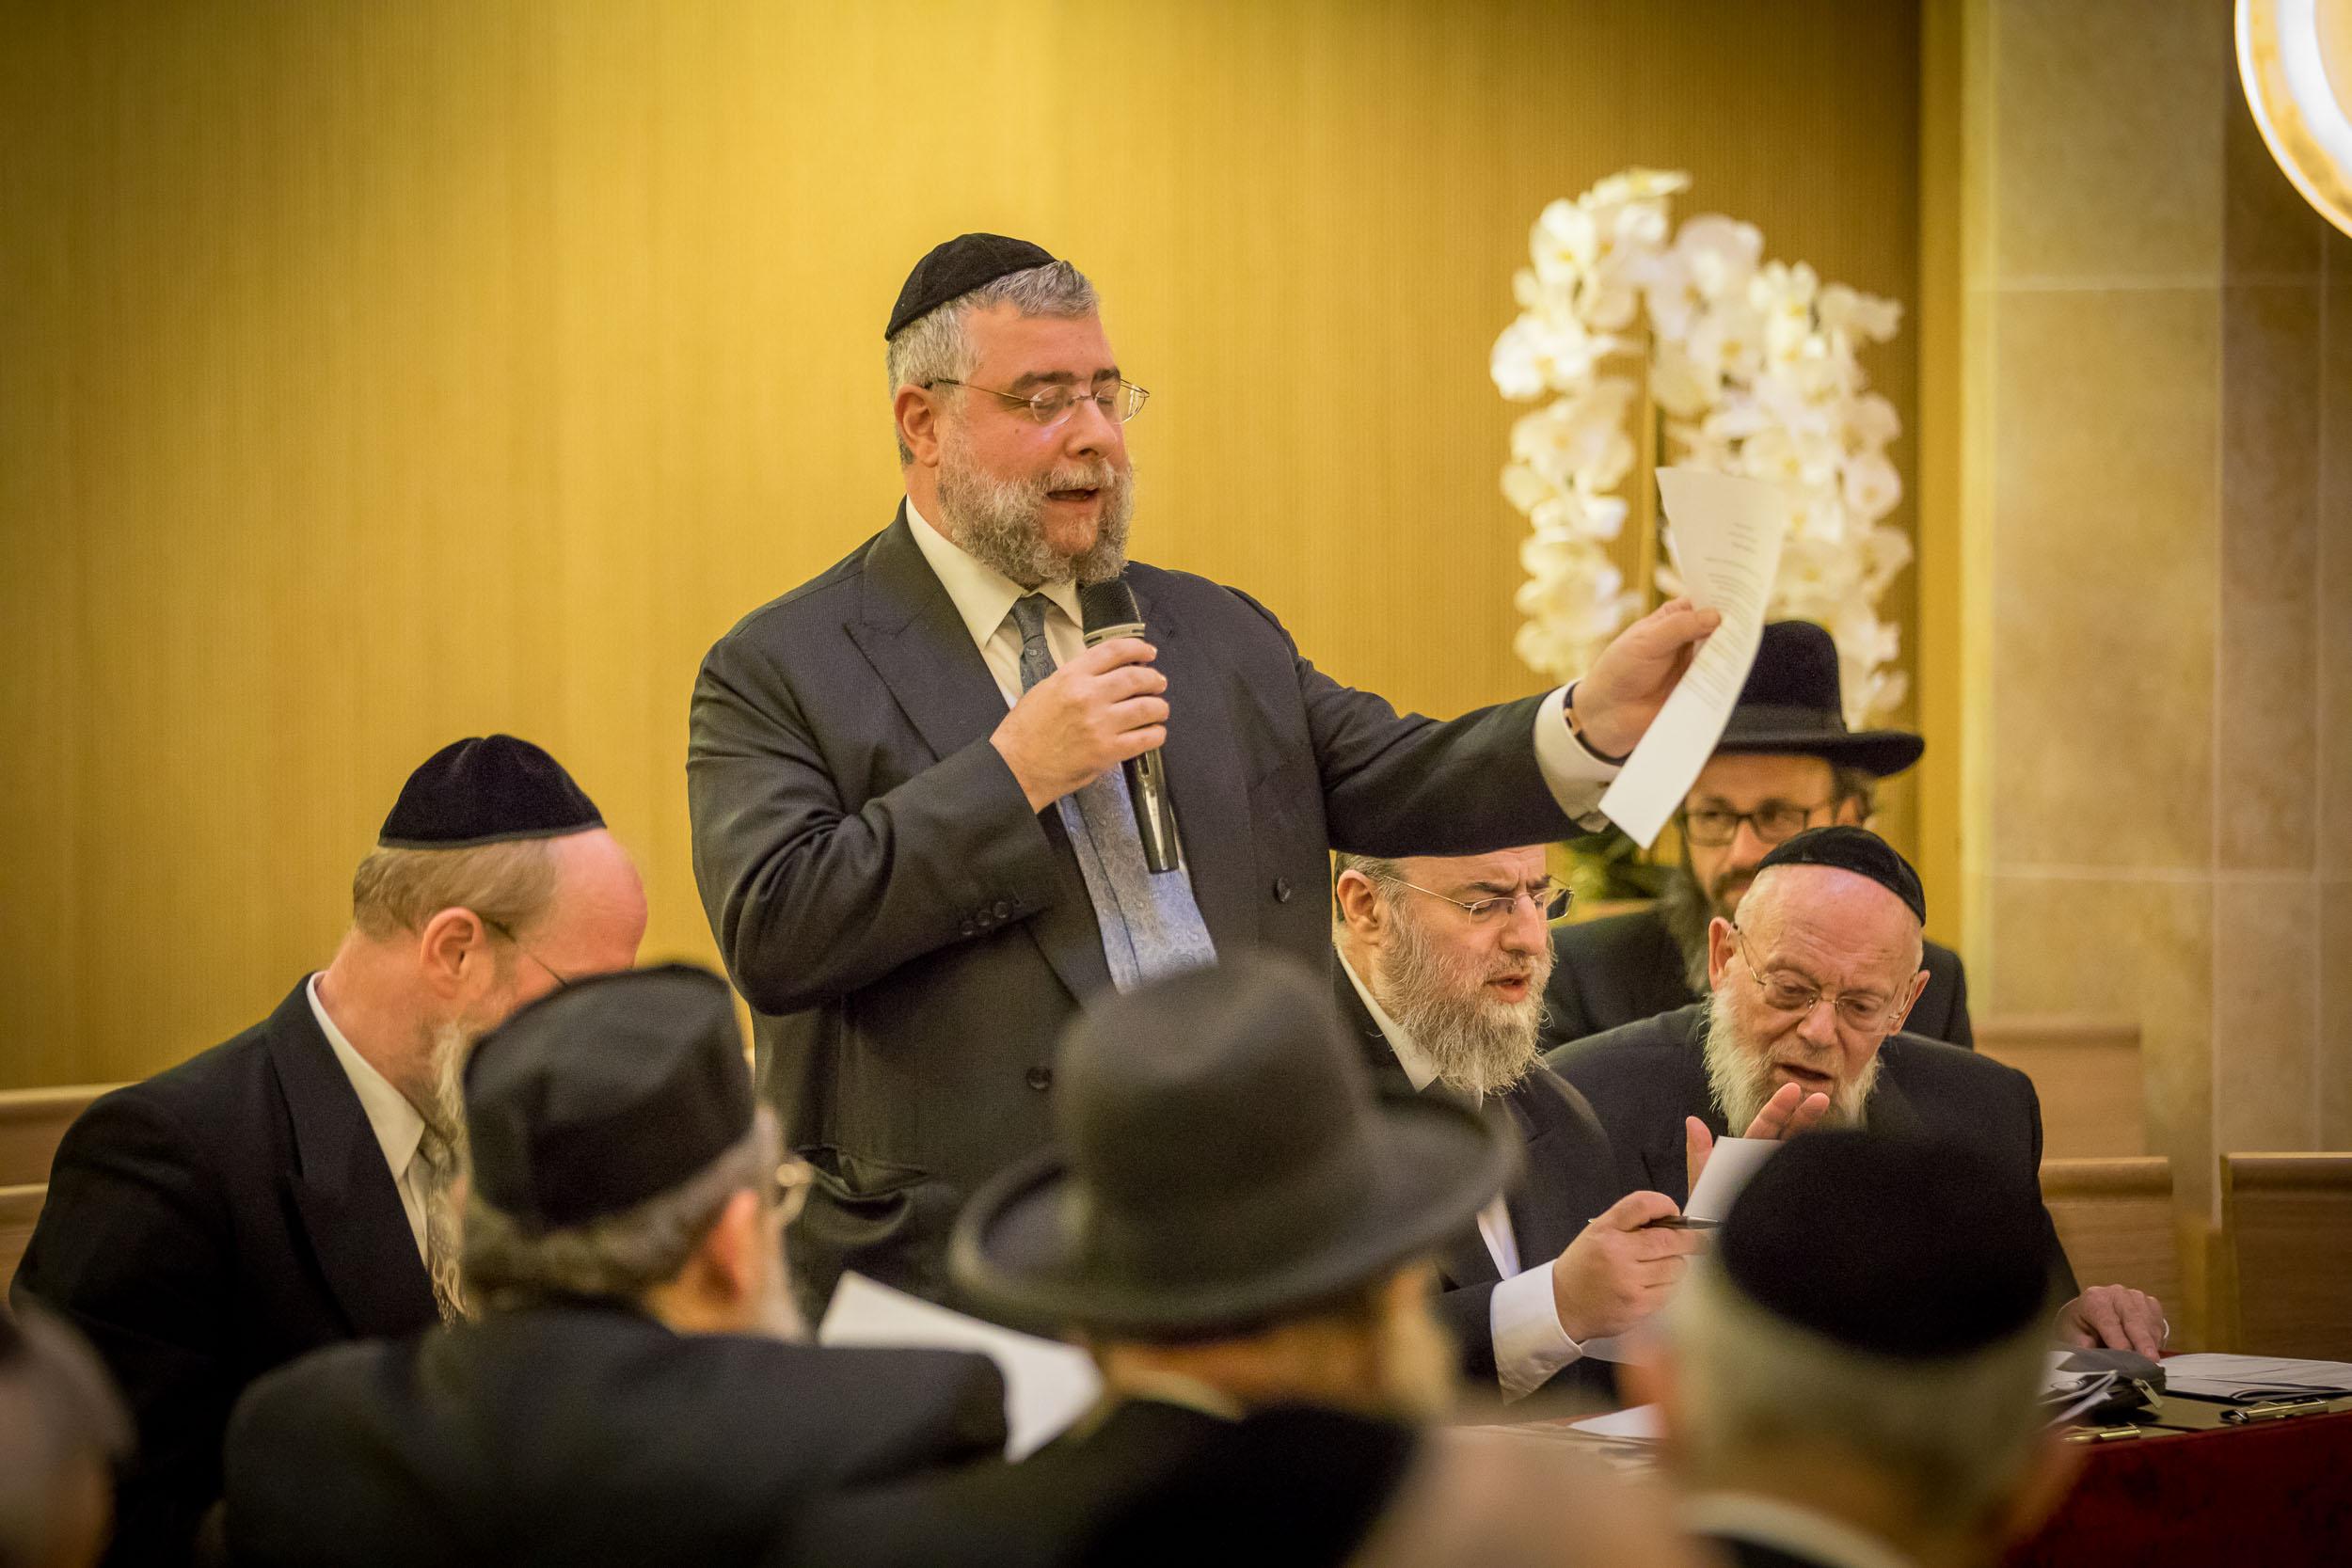 הרב פנחס גולדשמידט בכינוס הועדה המתמדת במונקו צילום אלי איטקין